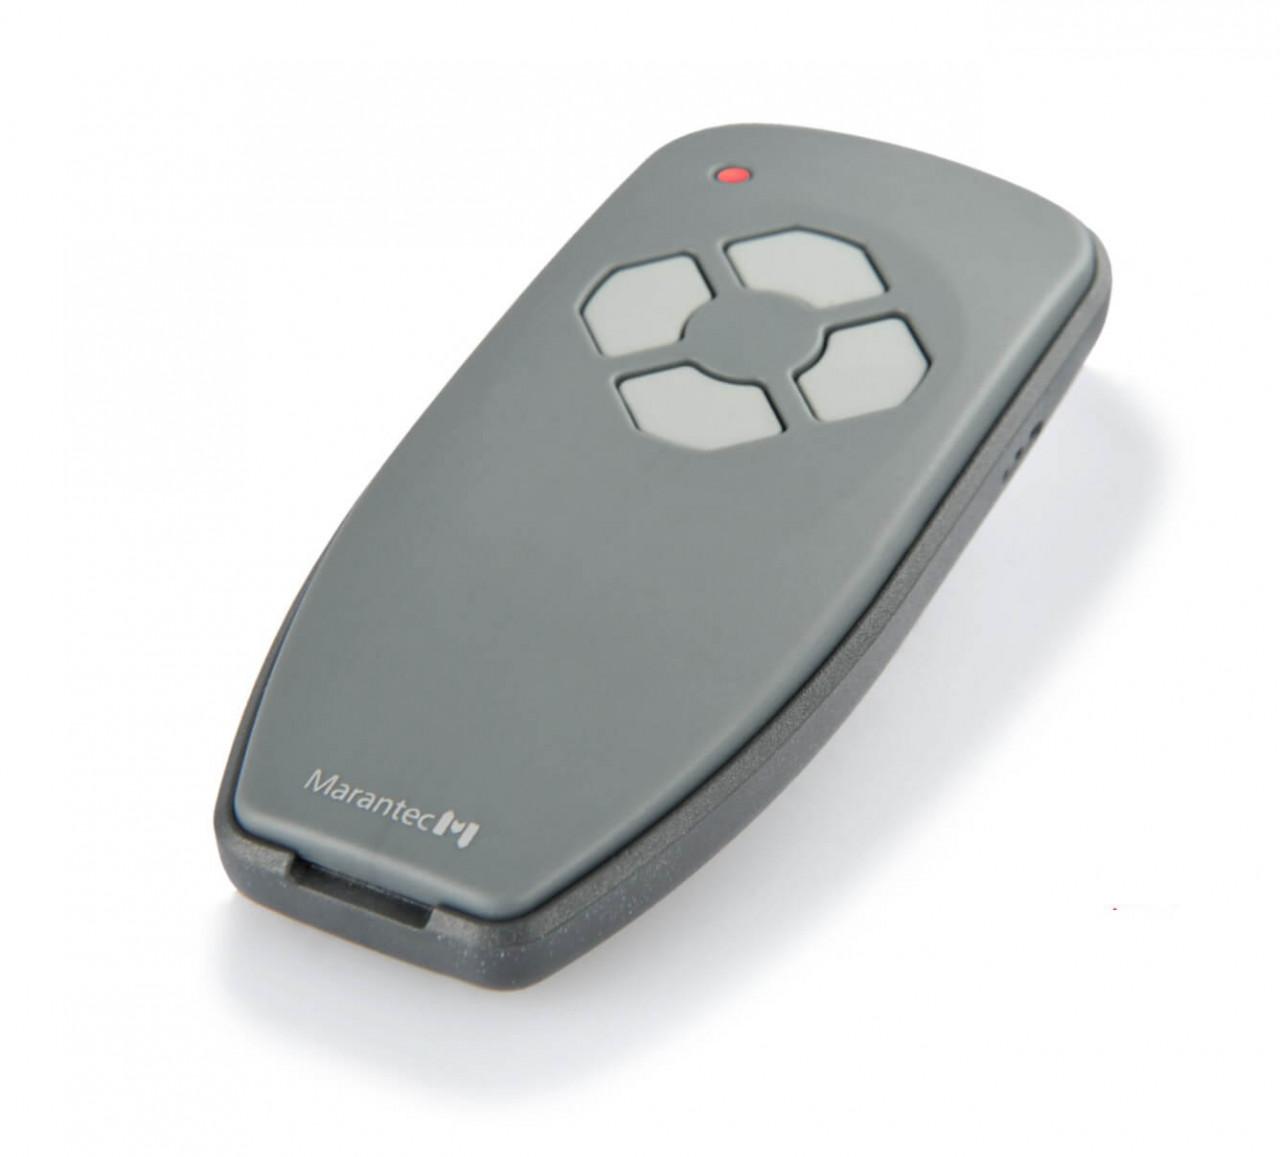 Marantec Digital 384 Handsender 4-Kanal 868,3 MHz